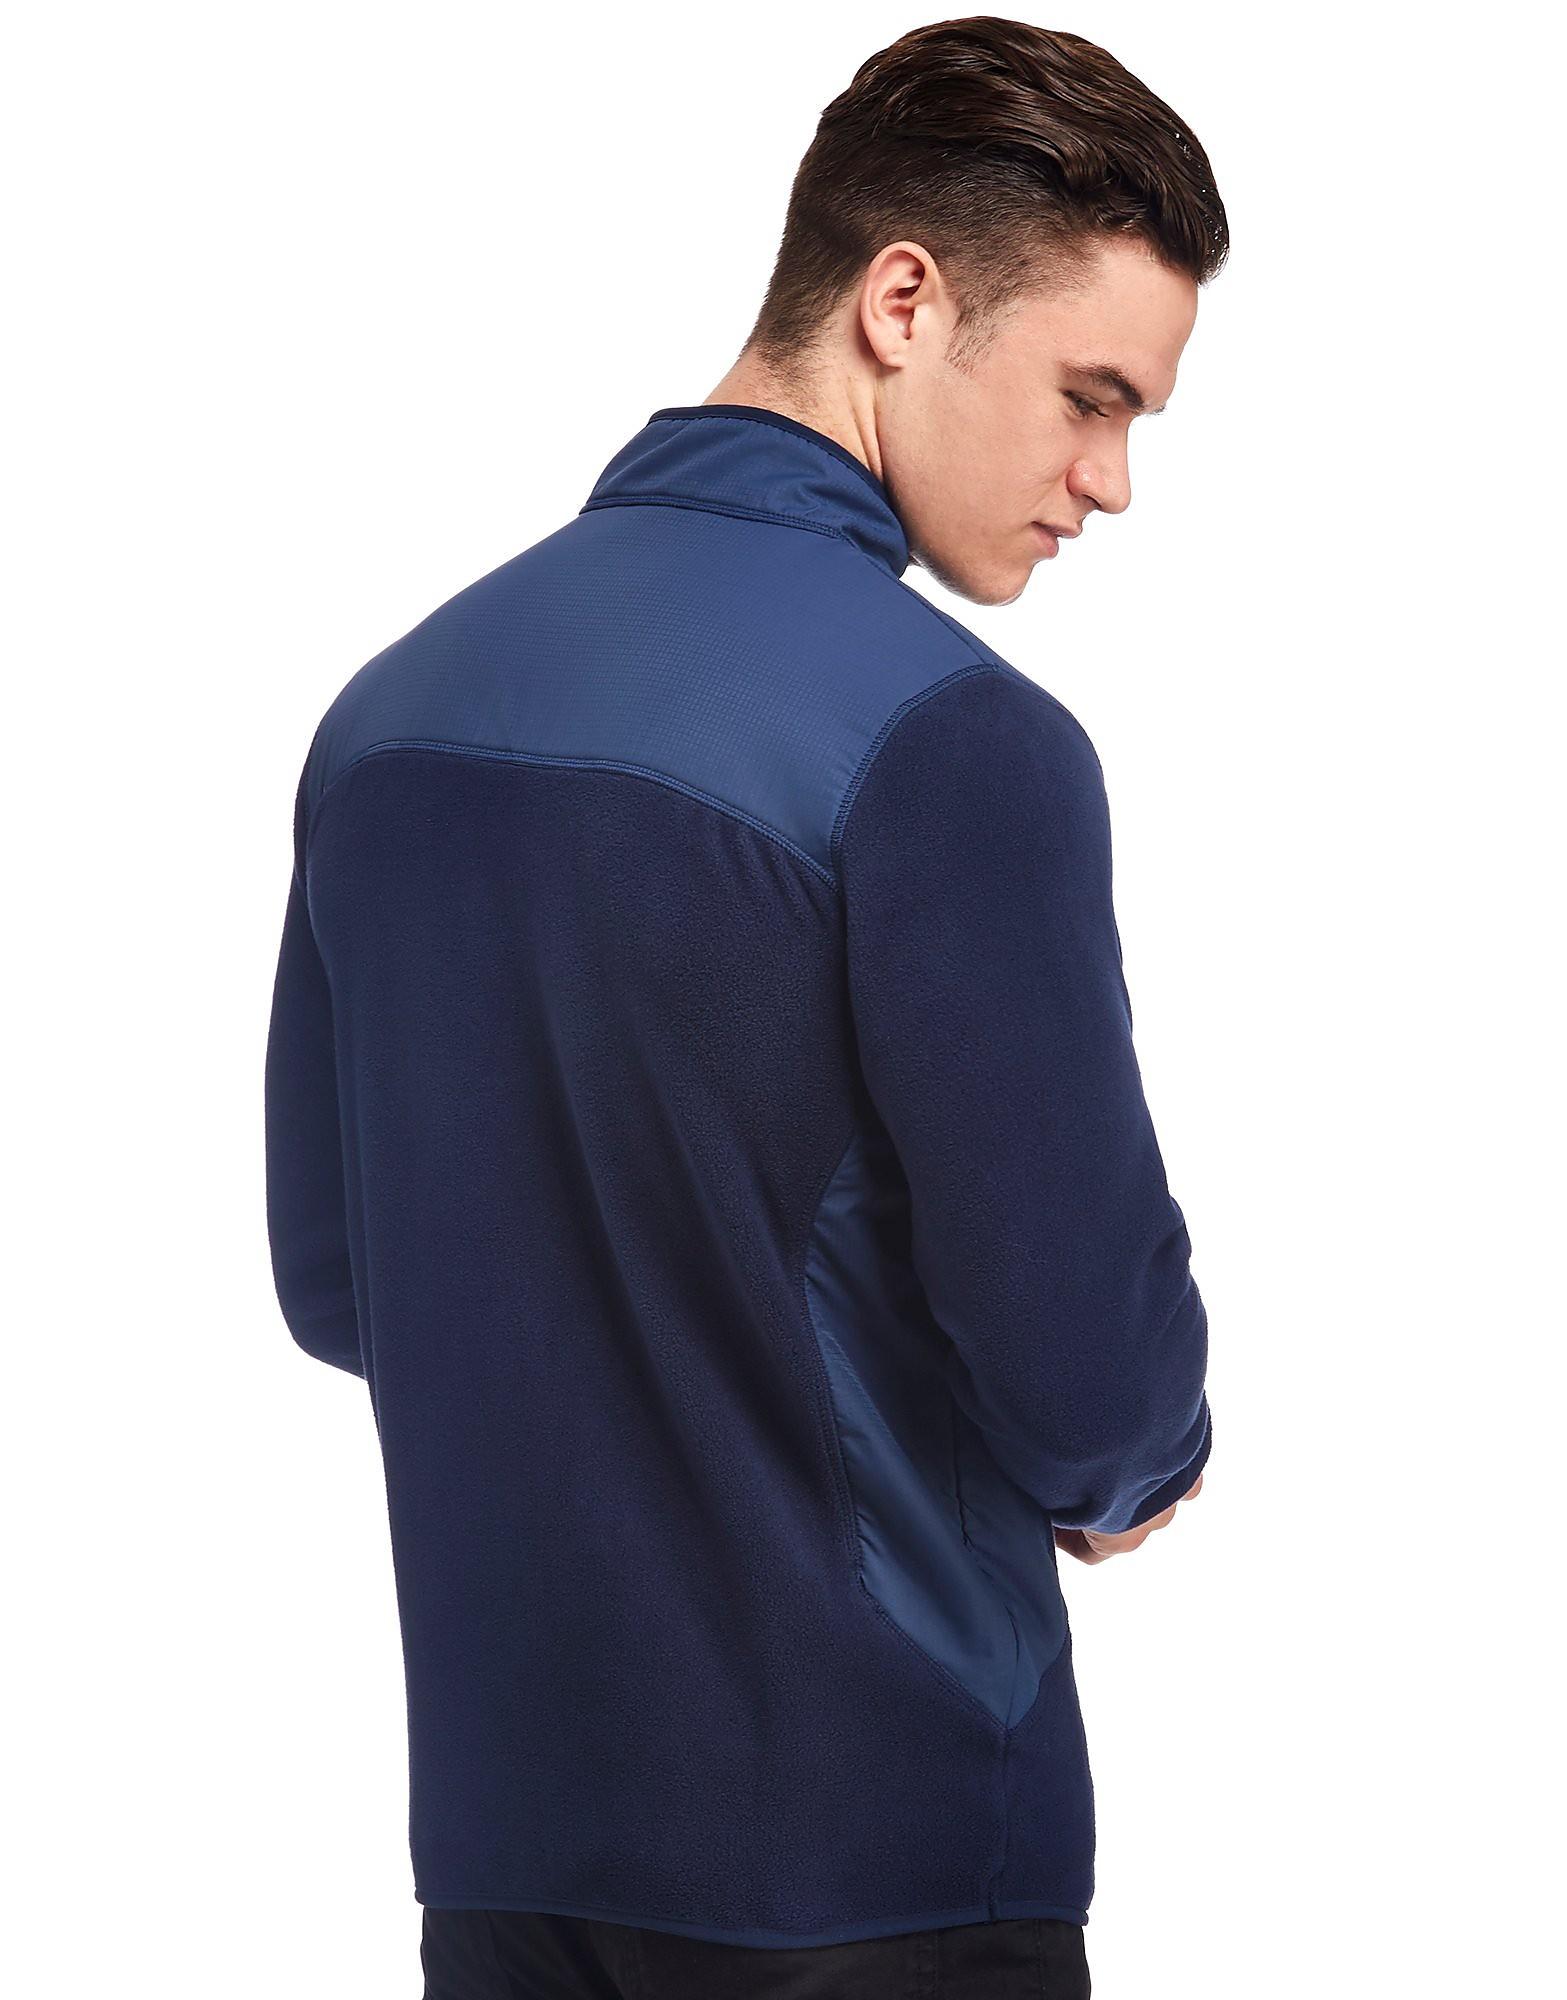 McKenzie Walker Microfleece Jacket